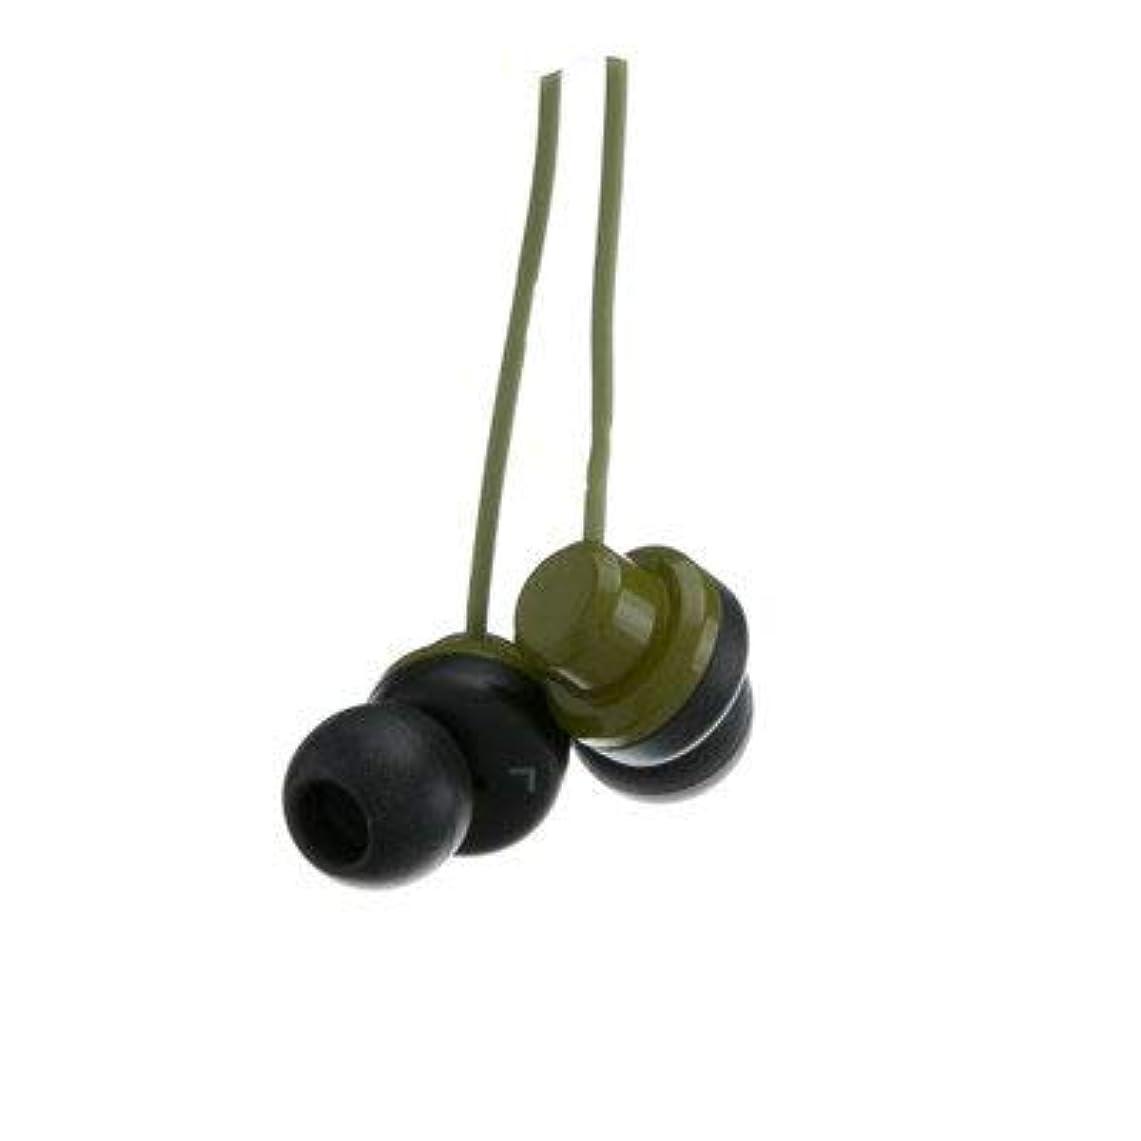 資産パワー平等グリーンJVC Riptidz inner-earイヤホンヘッドフォン( 5パック) by NETCNA